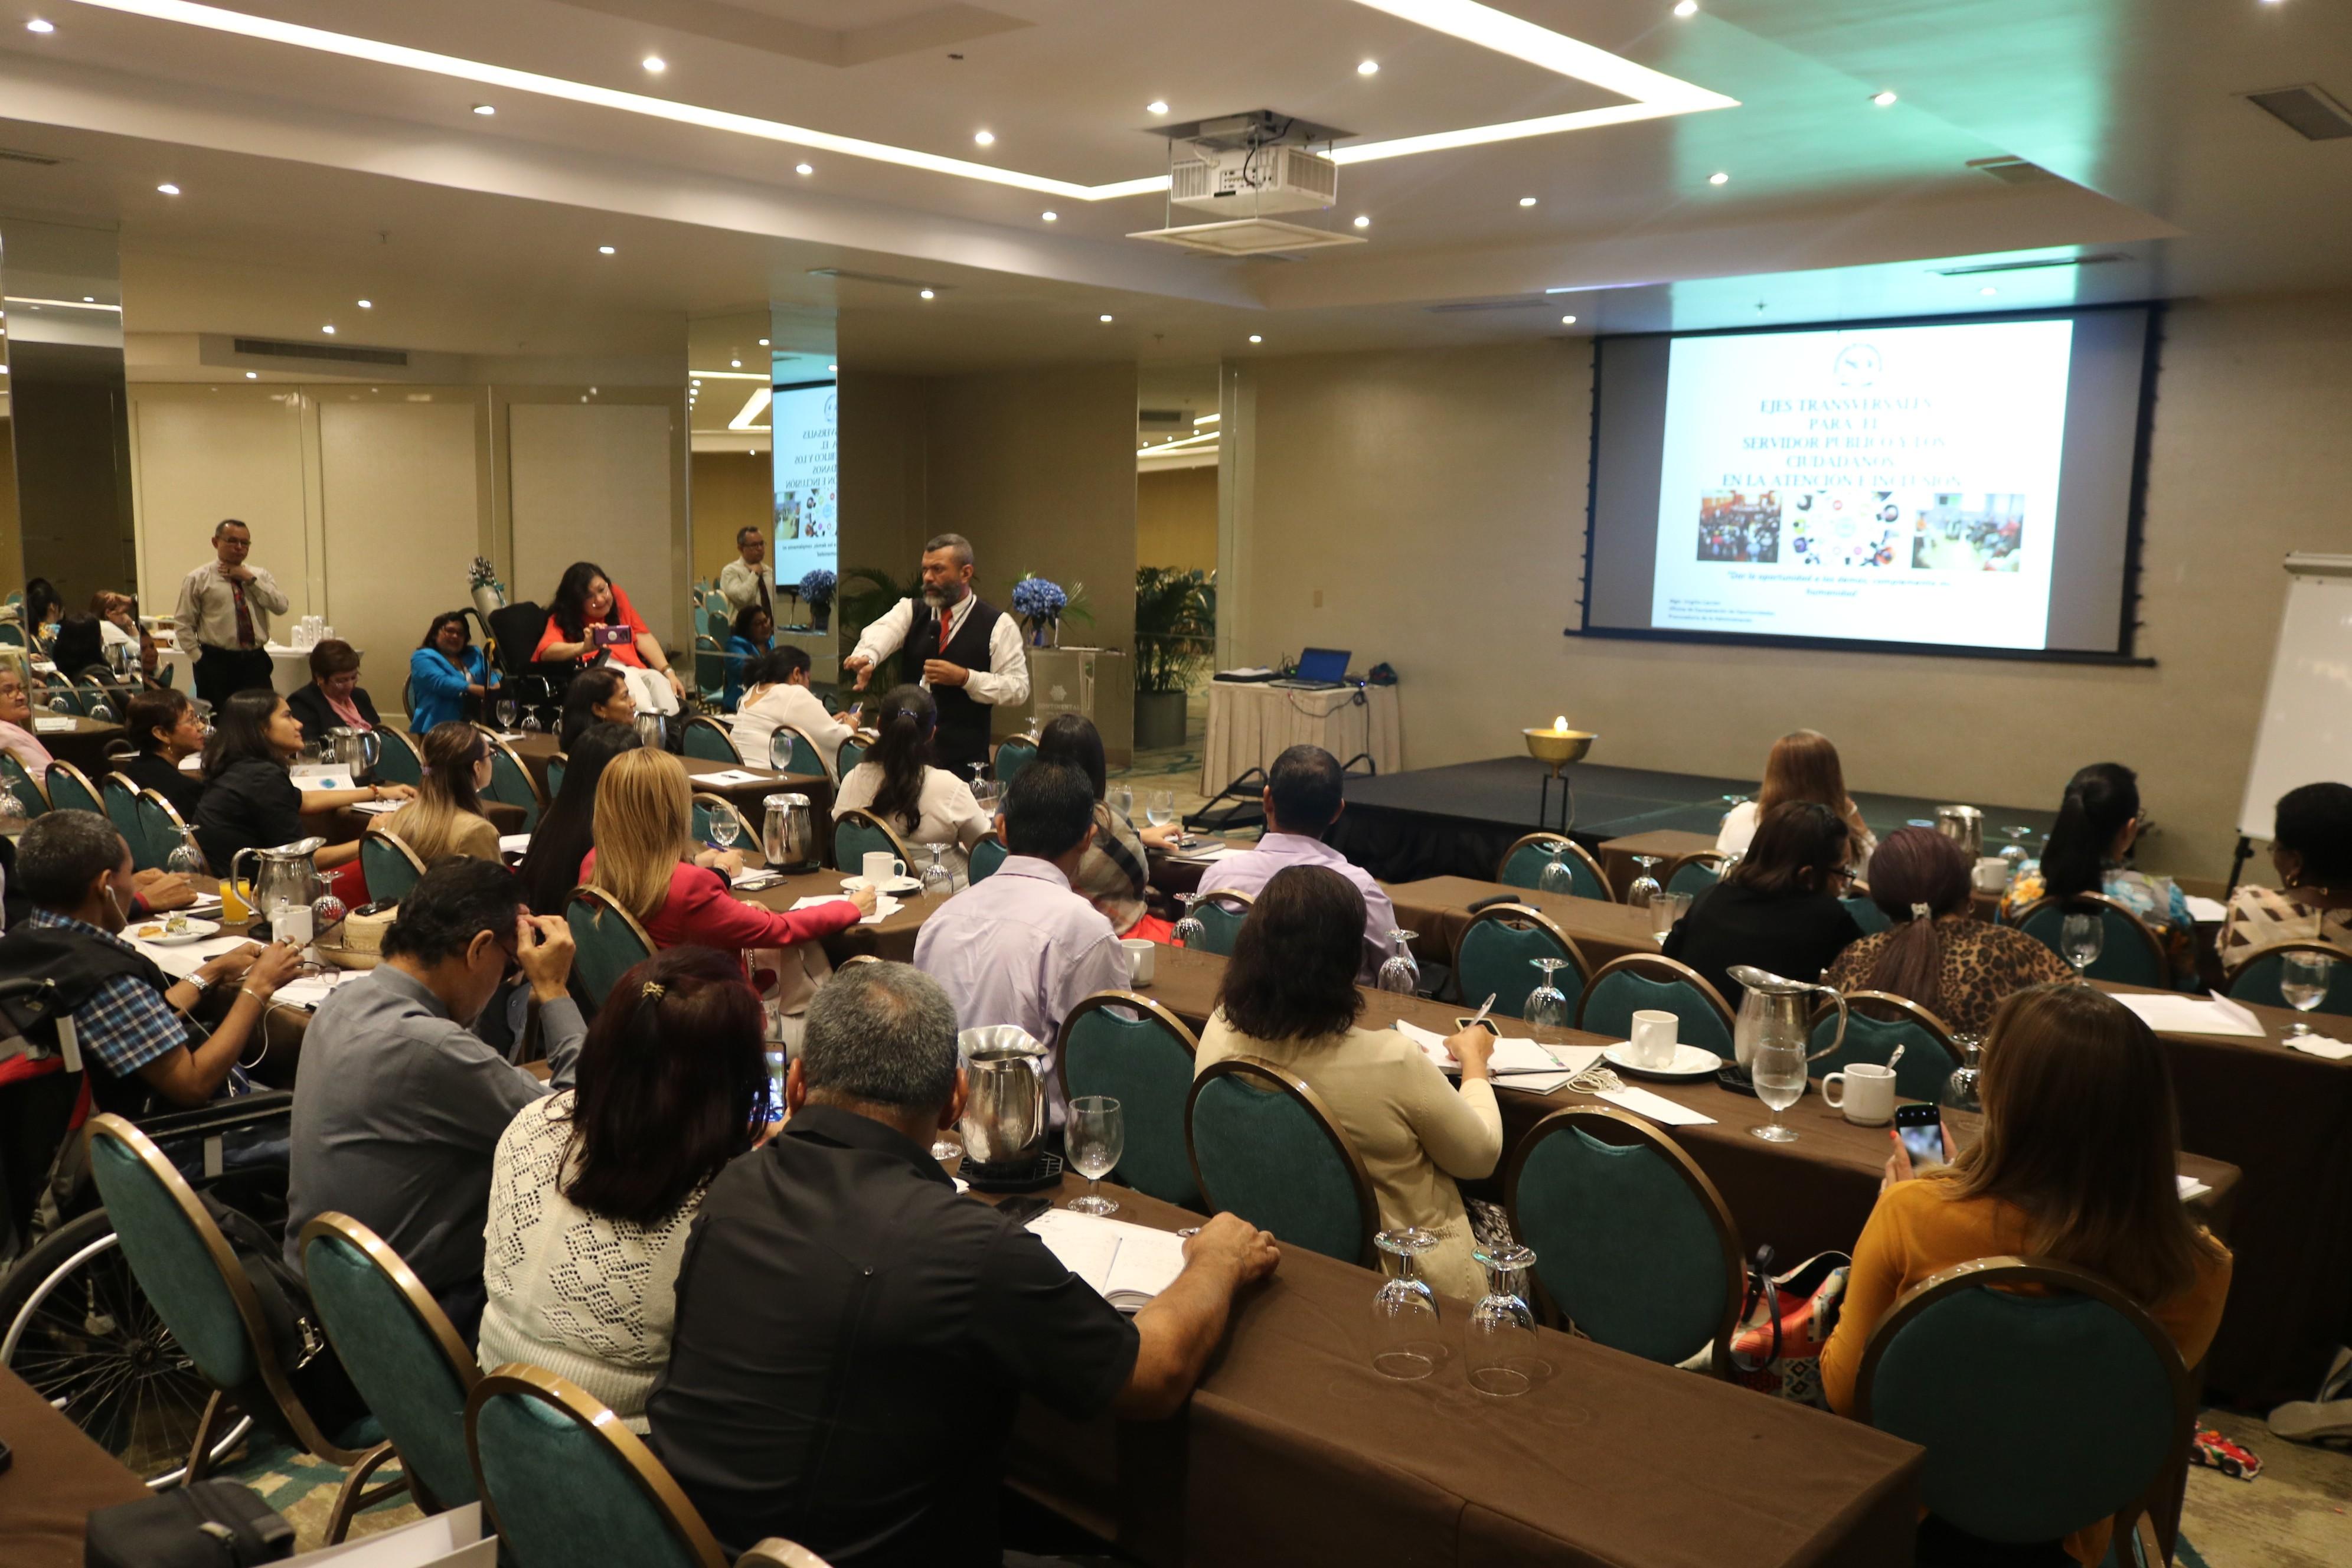 Procuraduría de la Administración explica servicios de orientación ciudadana en jornada de MELEDIS